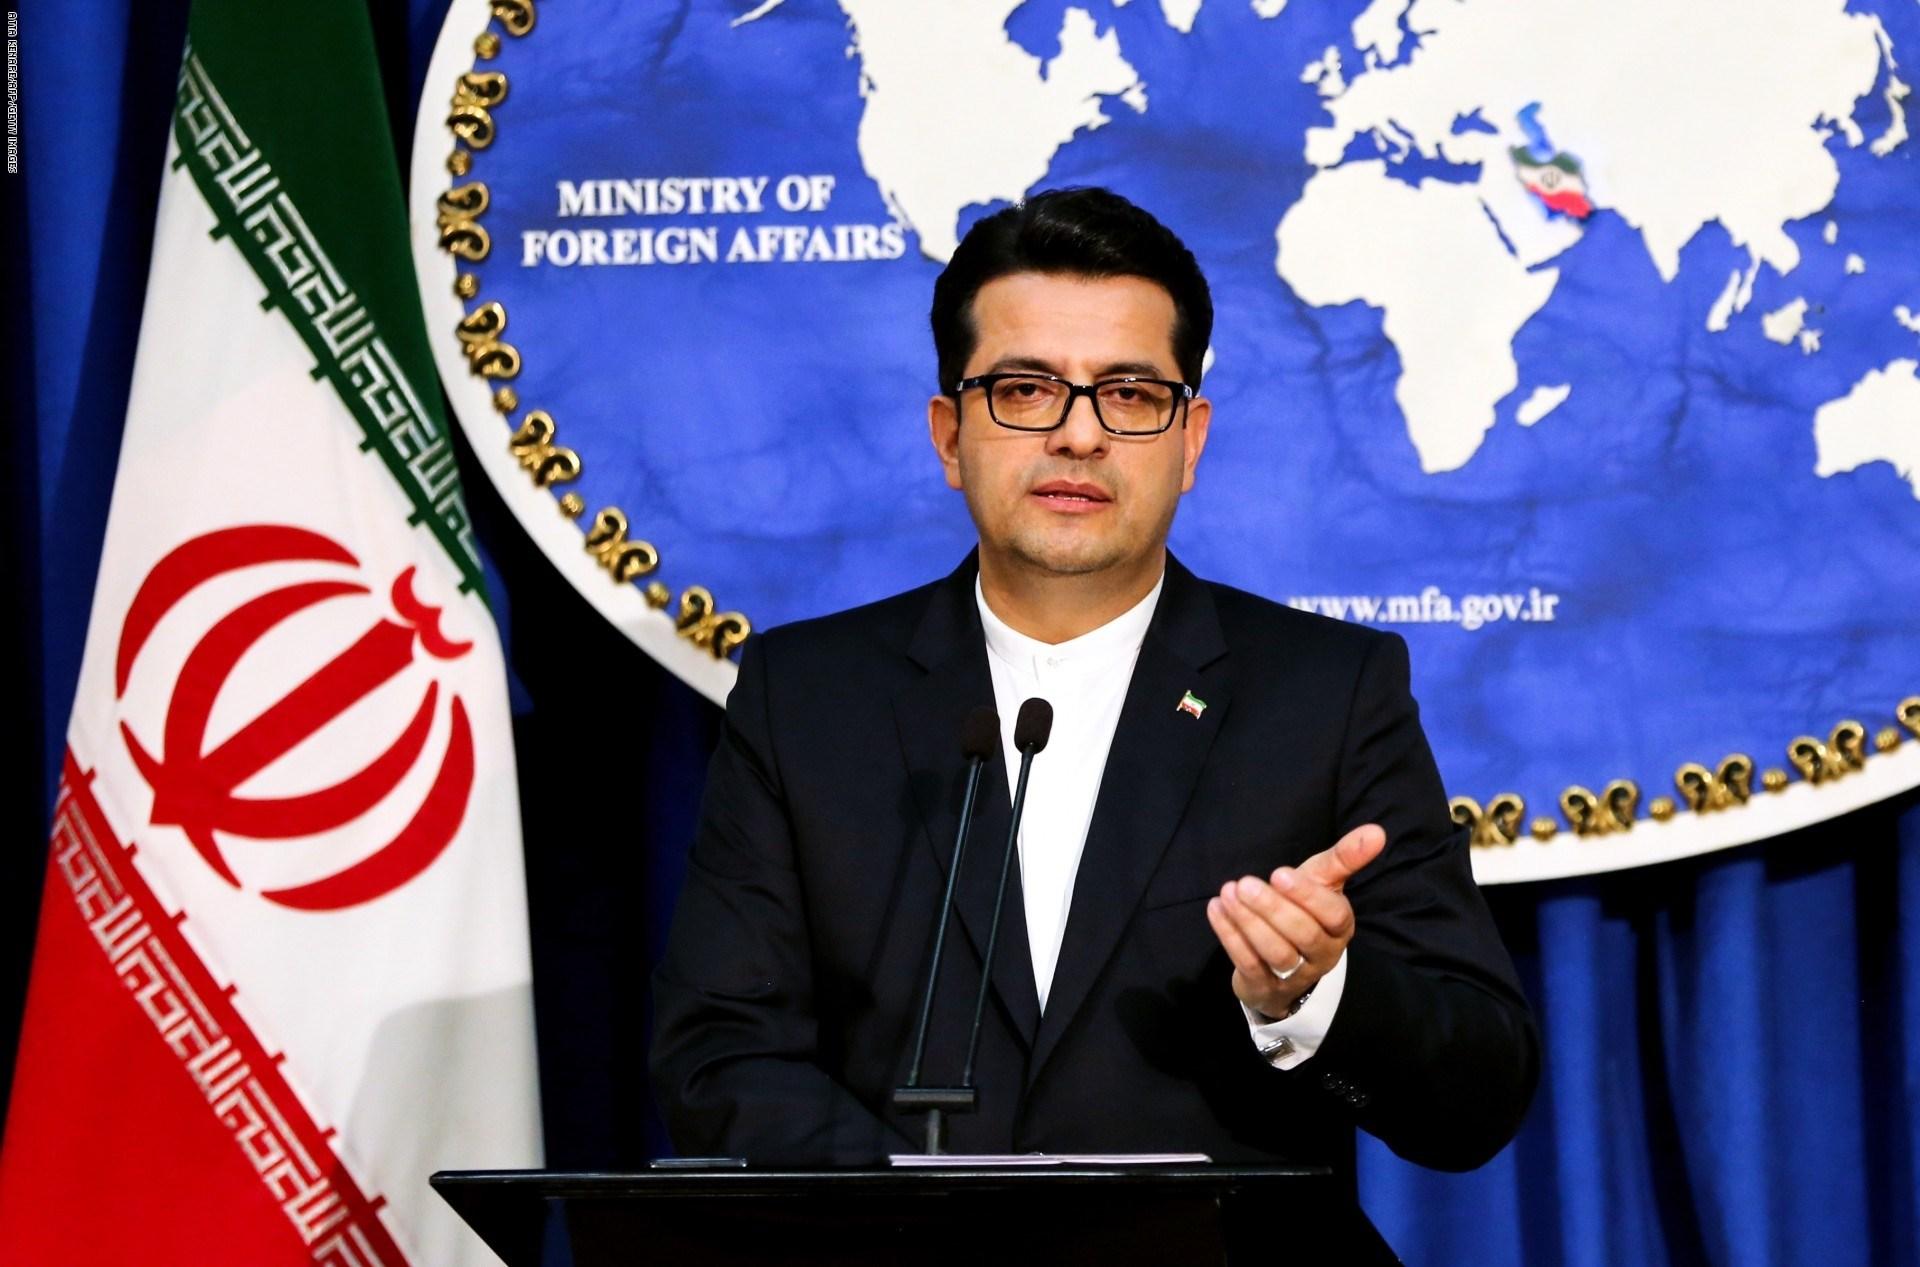 الخارجية الإيرانية: نعتقد أن الأزمة الليبية لا حلول عسكرية لها